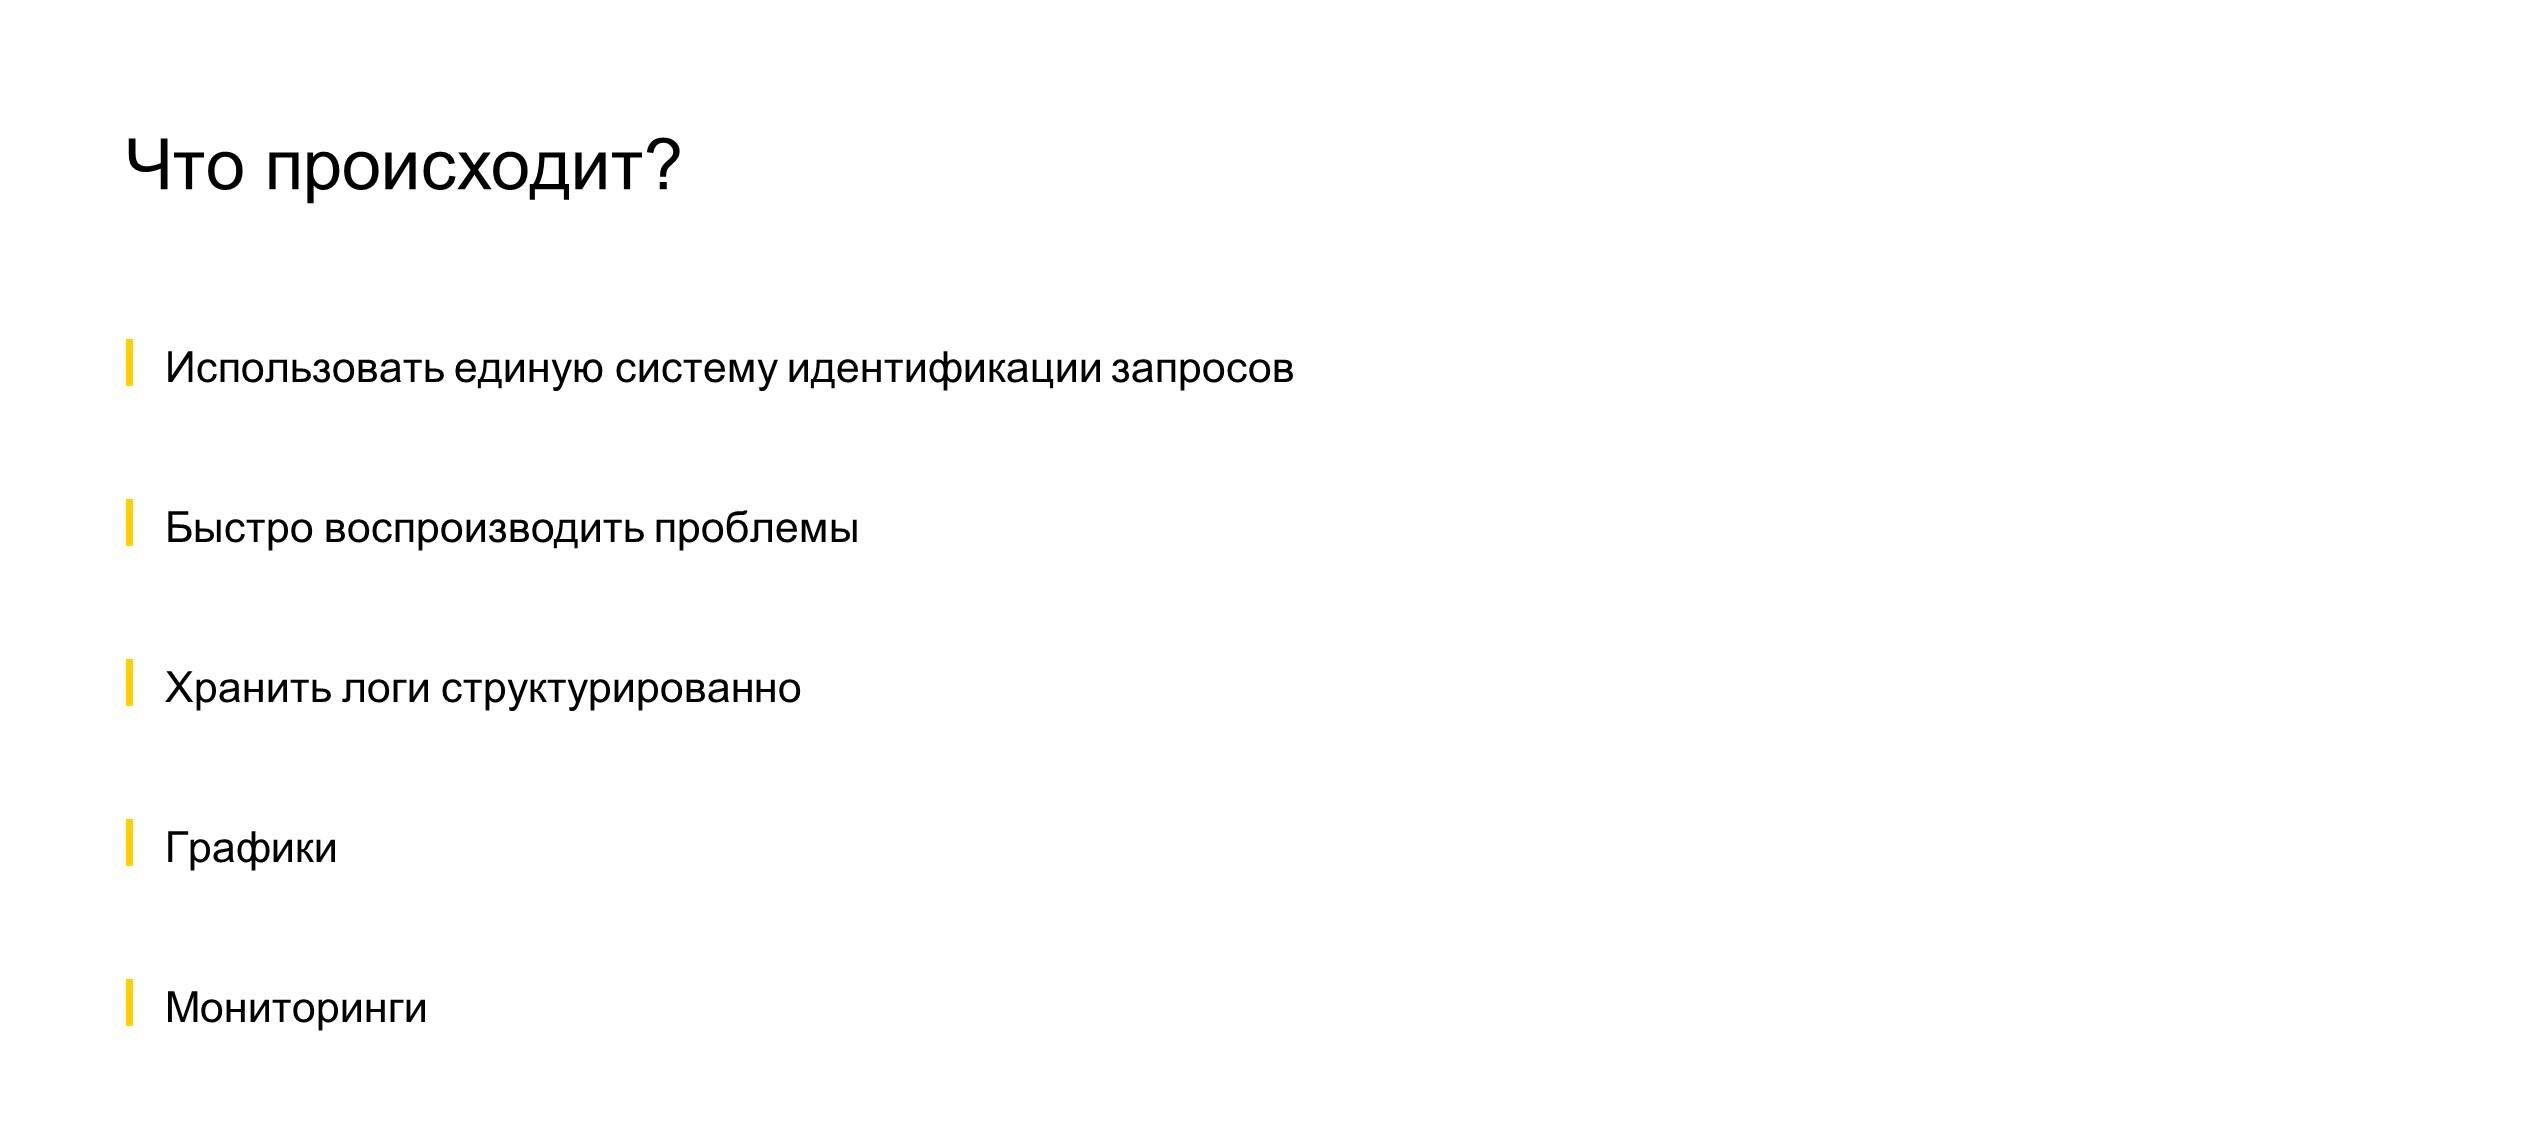 Логирование и трассировка запросов — лучшие практики. Доклад Яндекса - 4